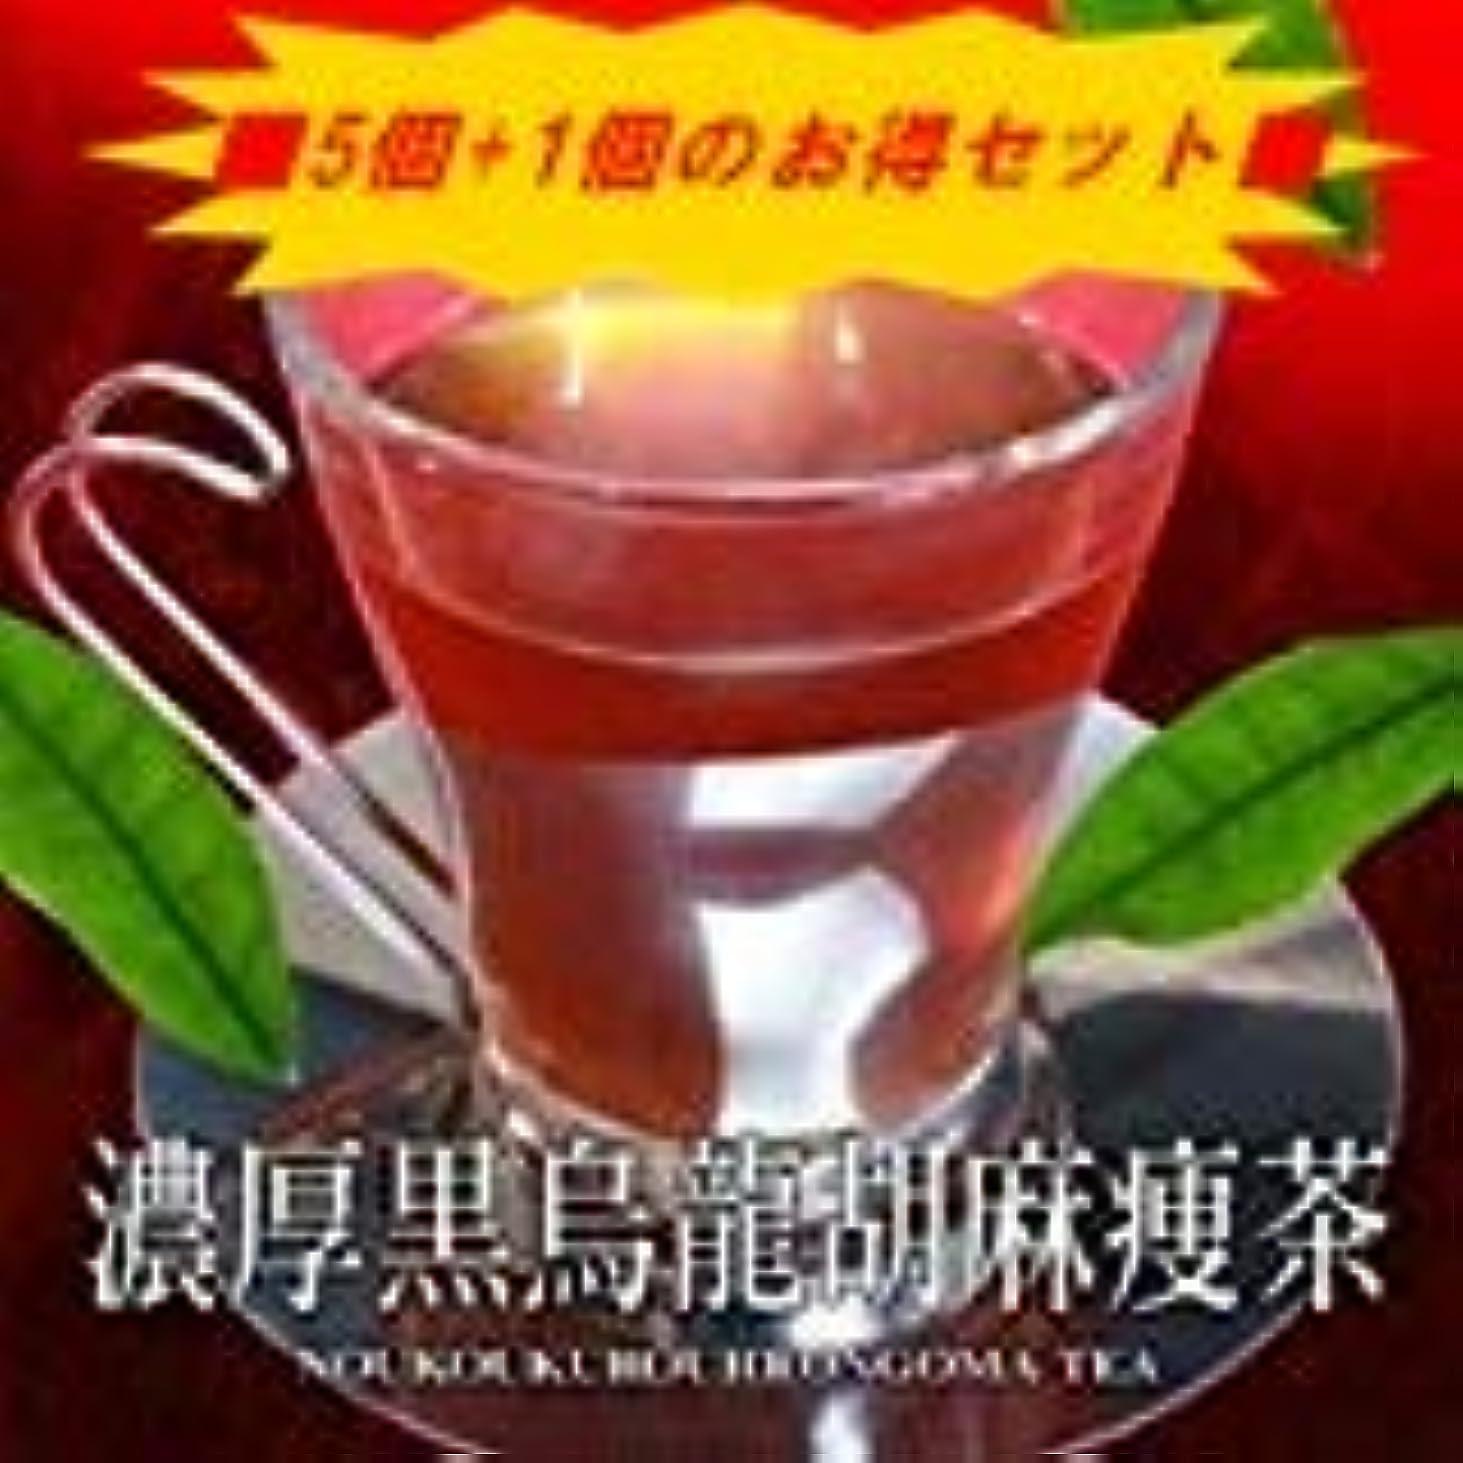 昇るマーク伴う濃厚黒烏龍胡麻痩茶×5個セット+1個おまけ付き?  ごま ゴマ 麦 茶 ウーロン